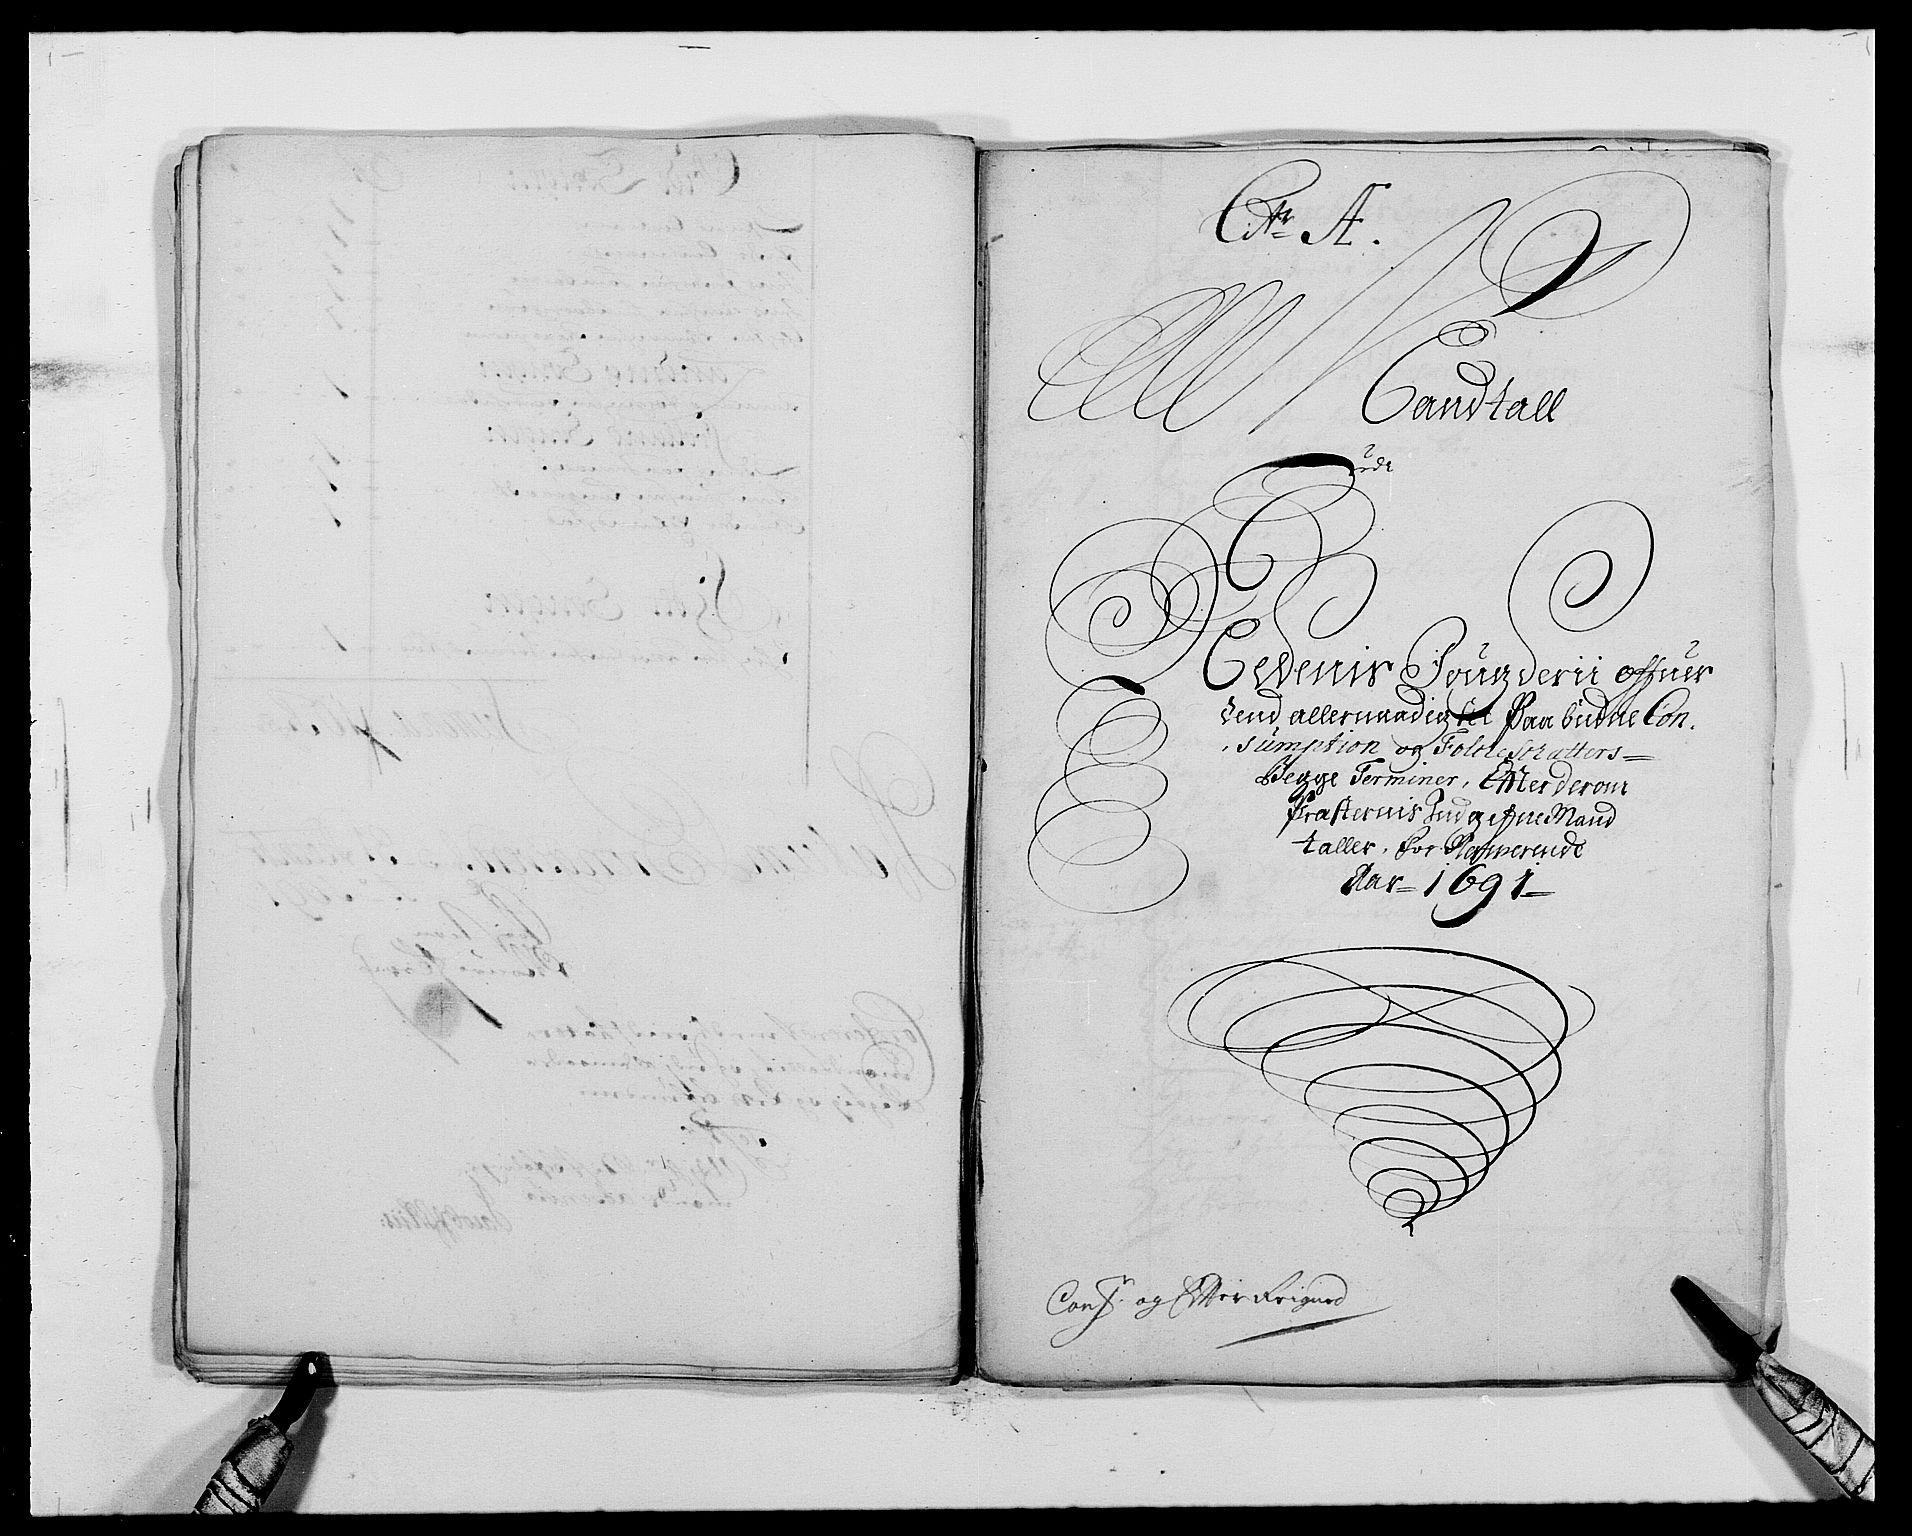 RA, Rentekammeret inntil 1814, Reviderte regnskaper, Fogderegnskap, R39/L2311: Fogderegnskap Nedenes, 1690-1692, s. 101